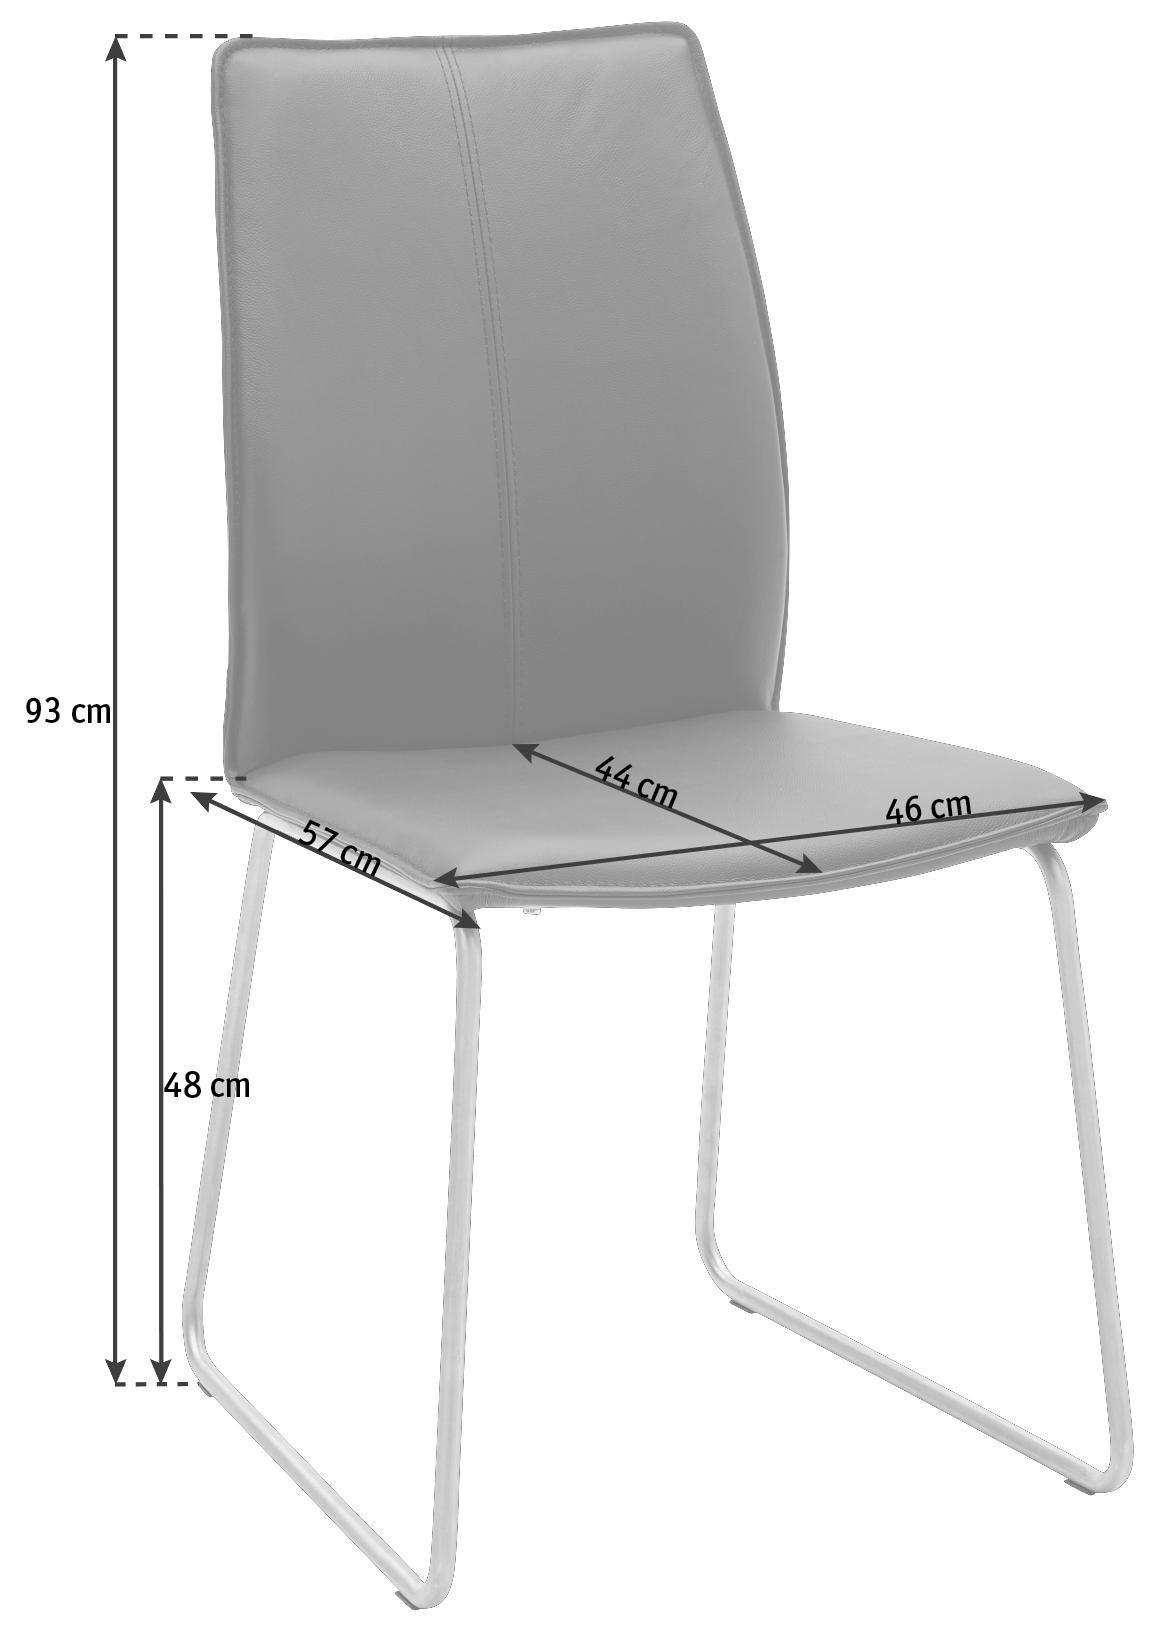 STUHL in Leder, Metall Edelstahlfarben, Schwarz - Edelstahlfarben/Schwarz, Design, Leder/Metall (46/93/57cm) - DIETER KNOLL